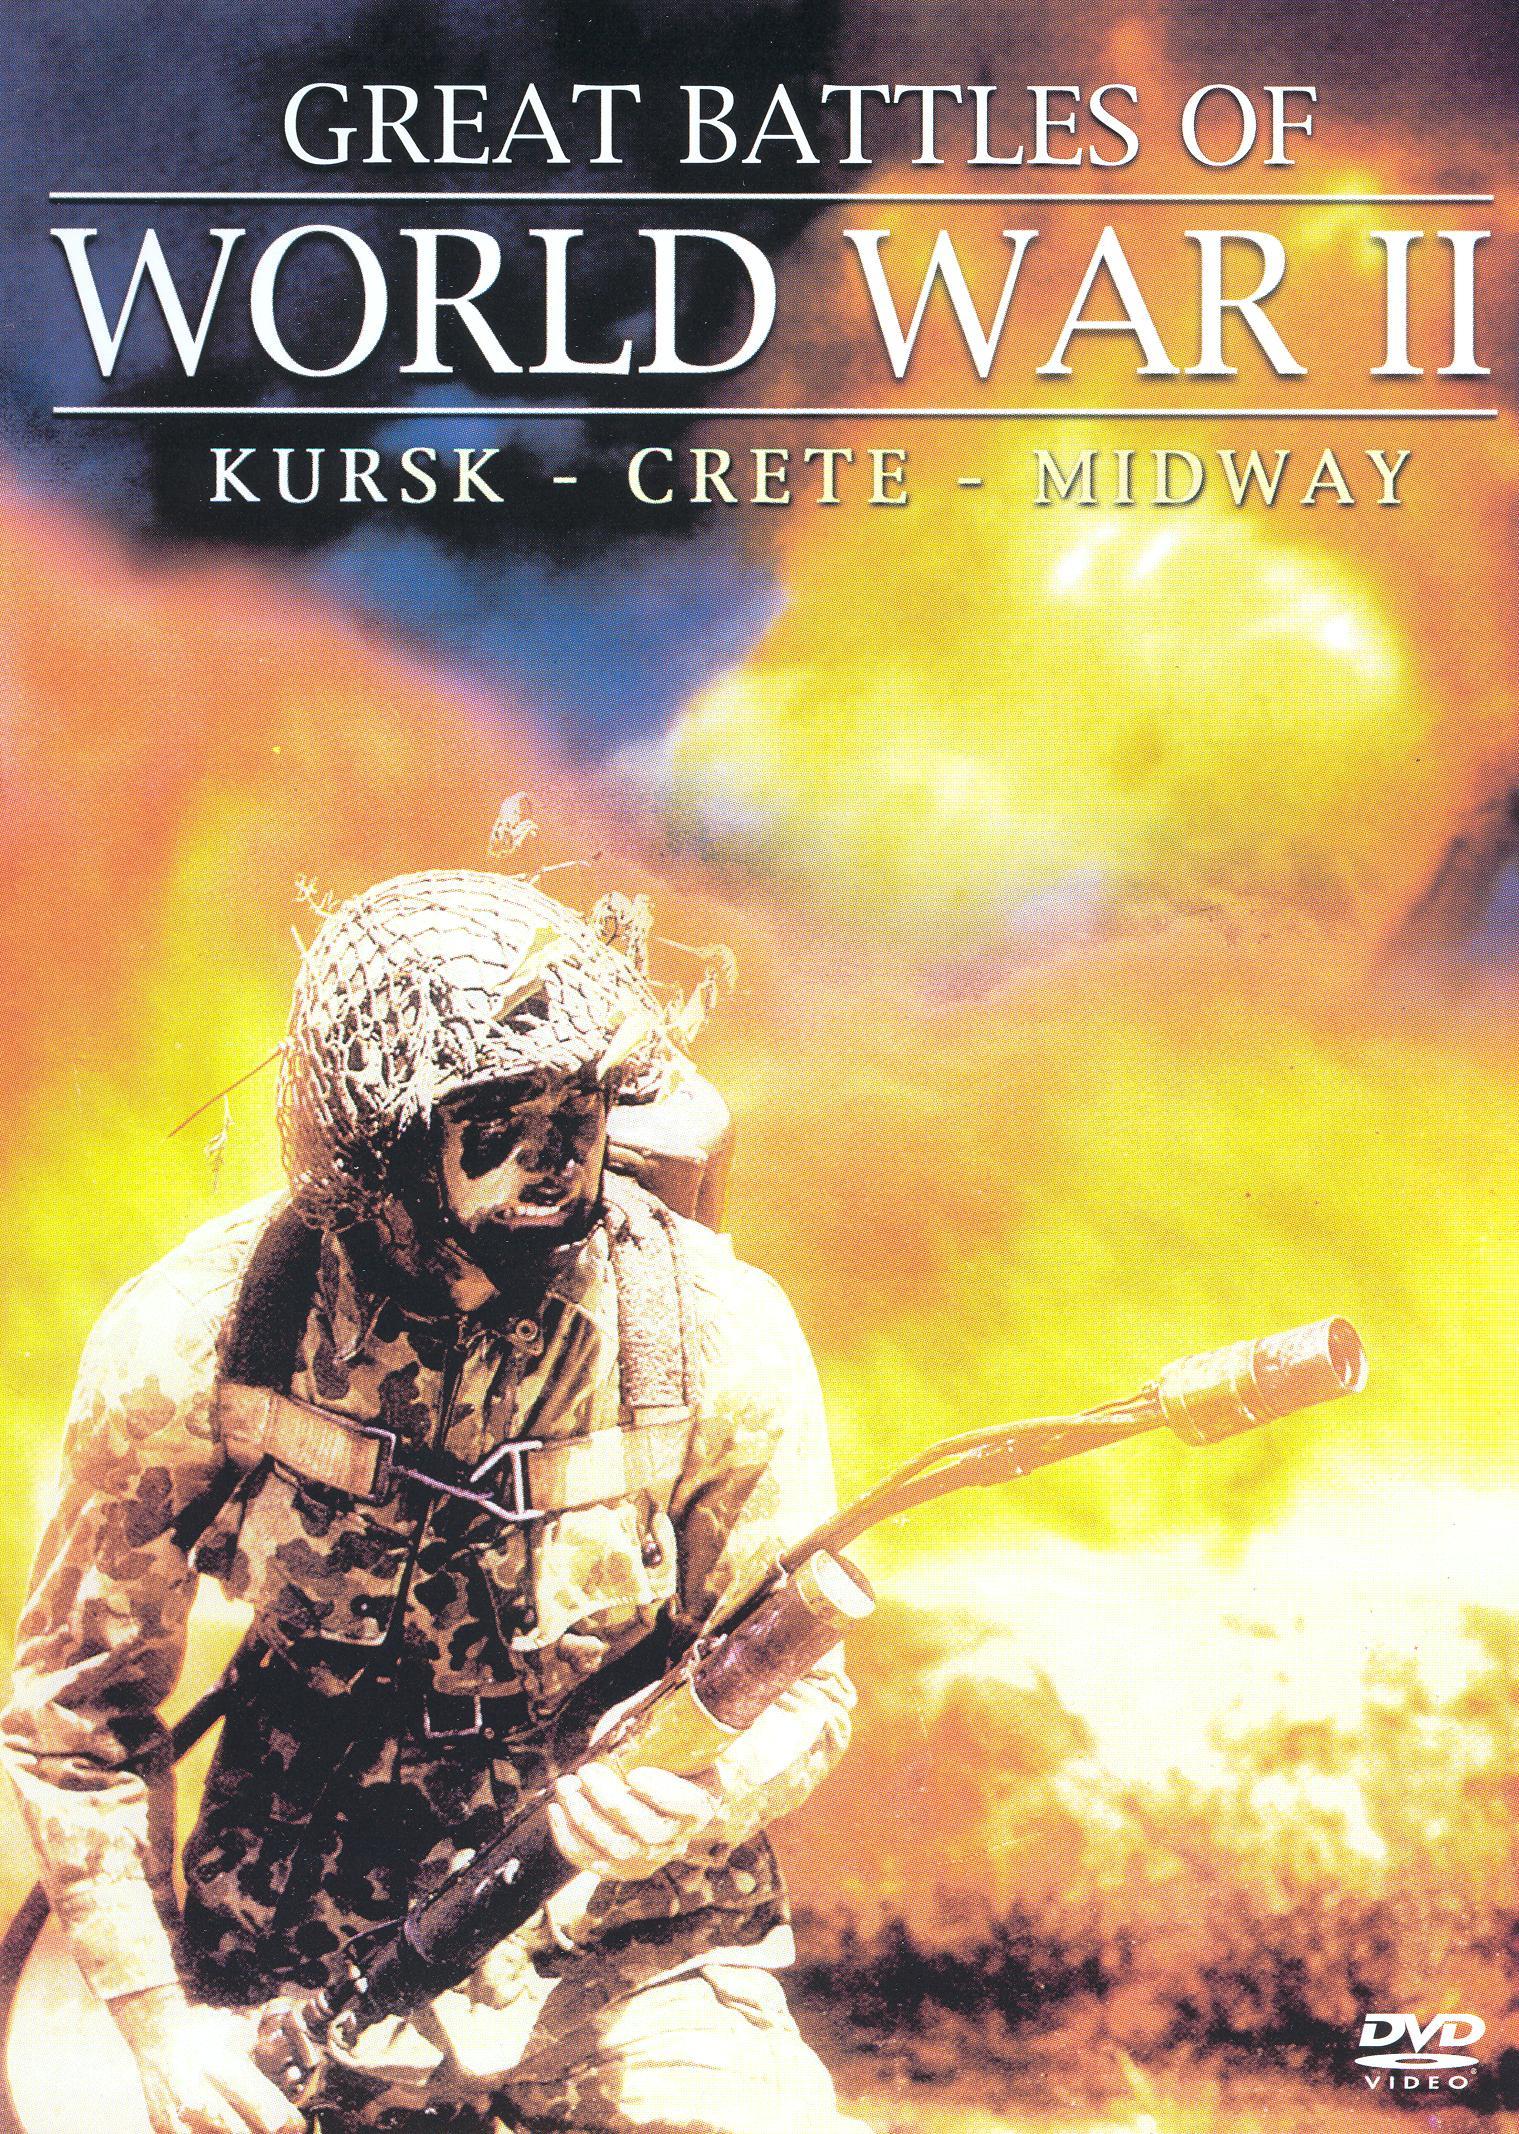 Great Battles of World War II: Kursk/Crete/Midway